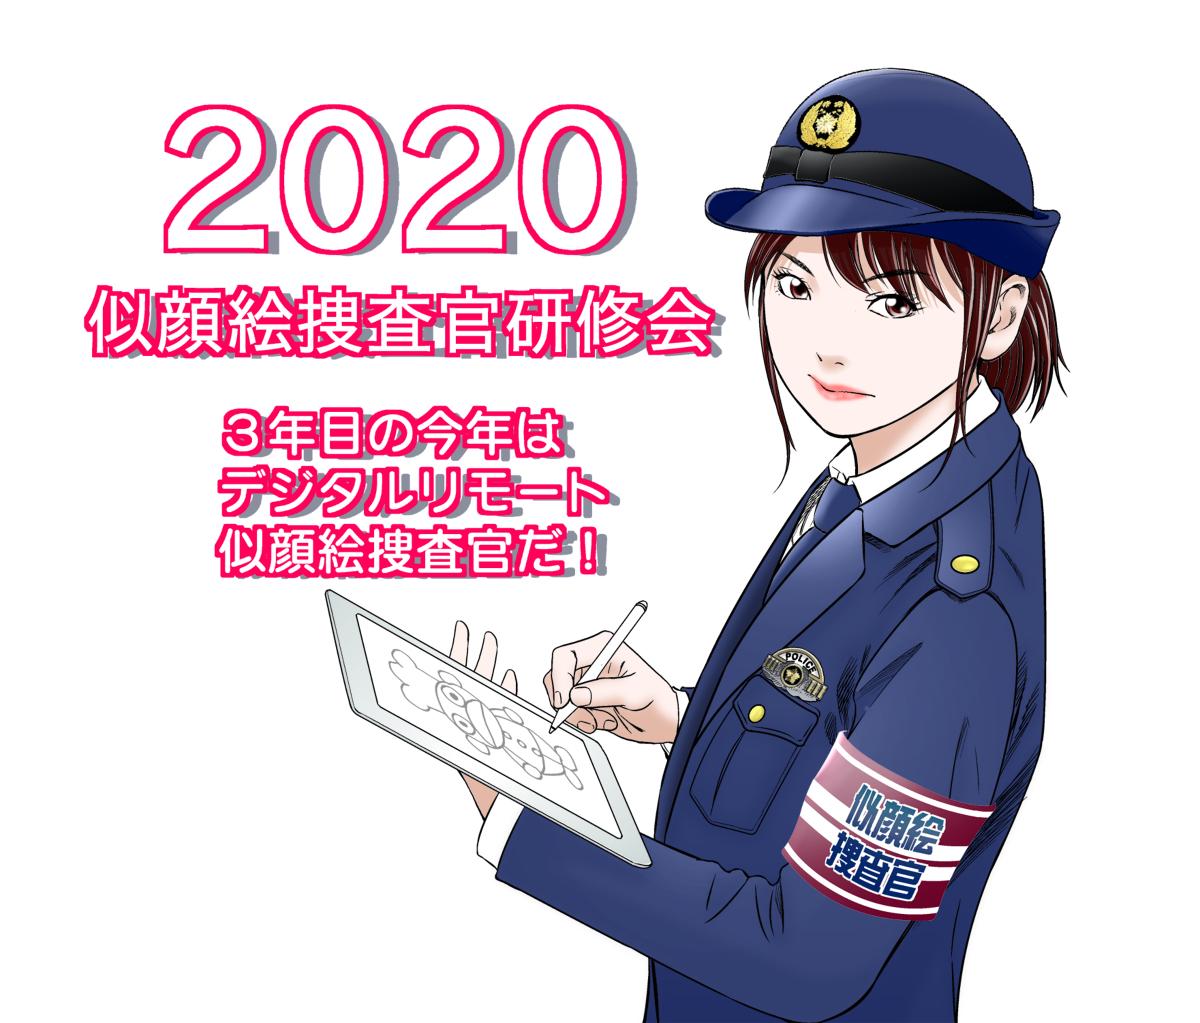 女性警察官 hashtag on Twitter